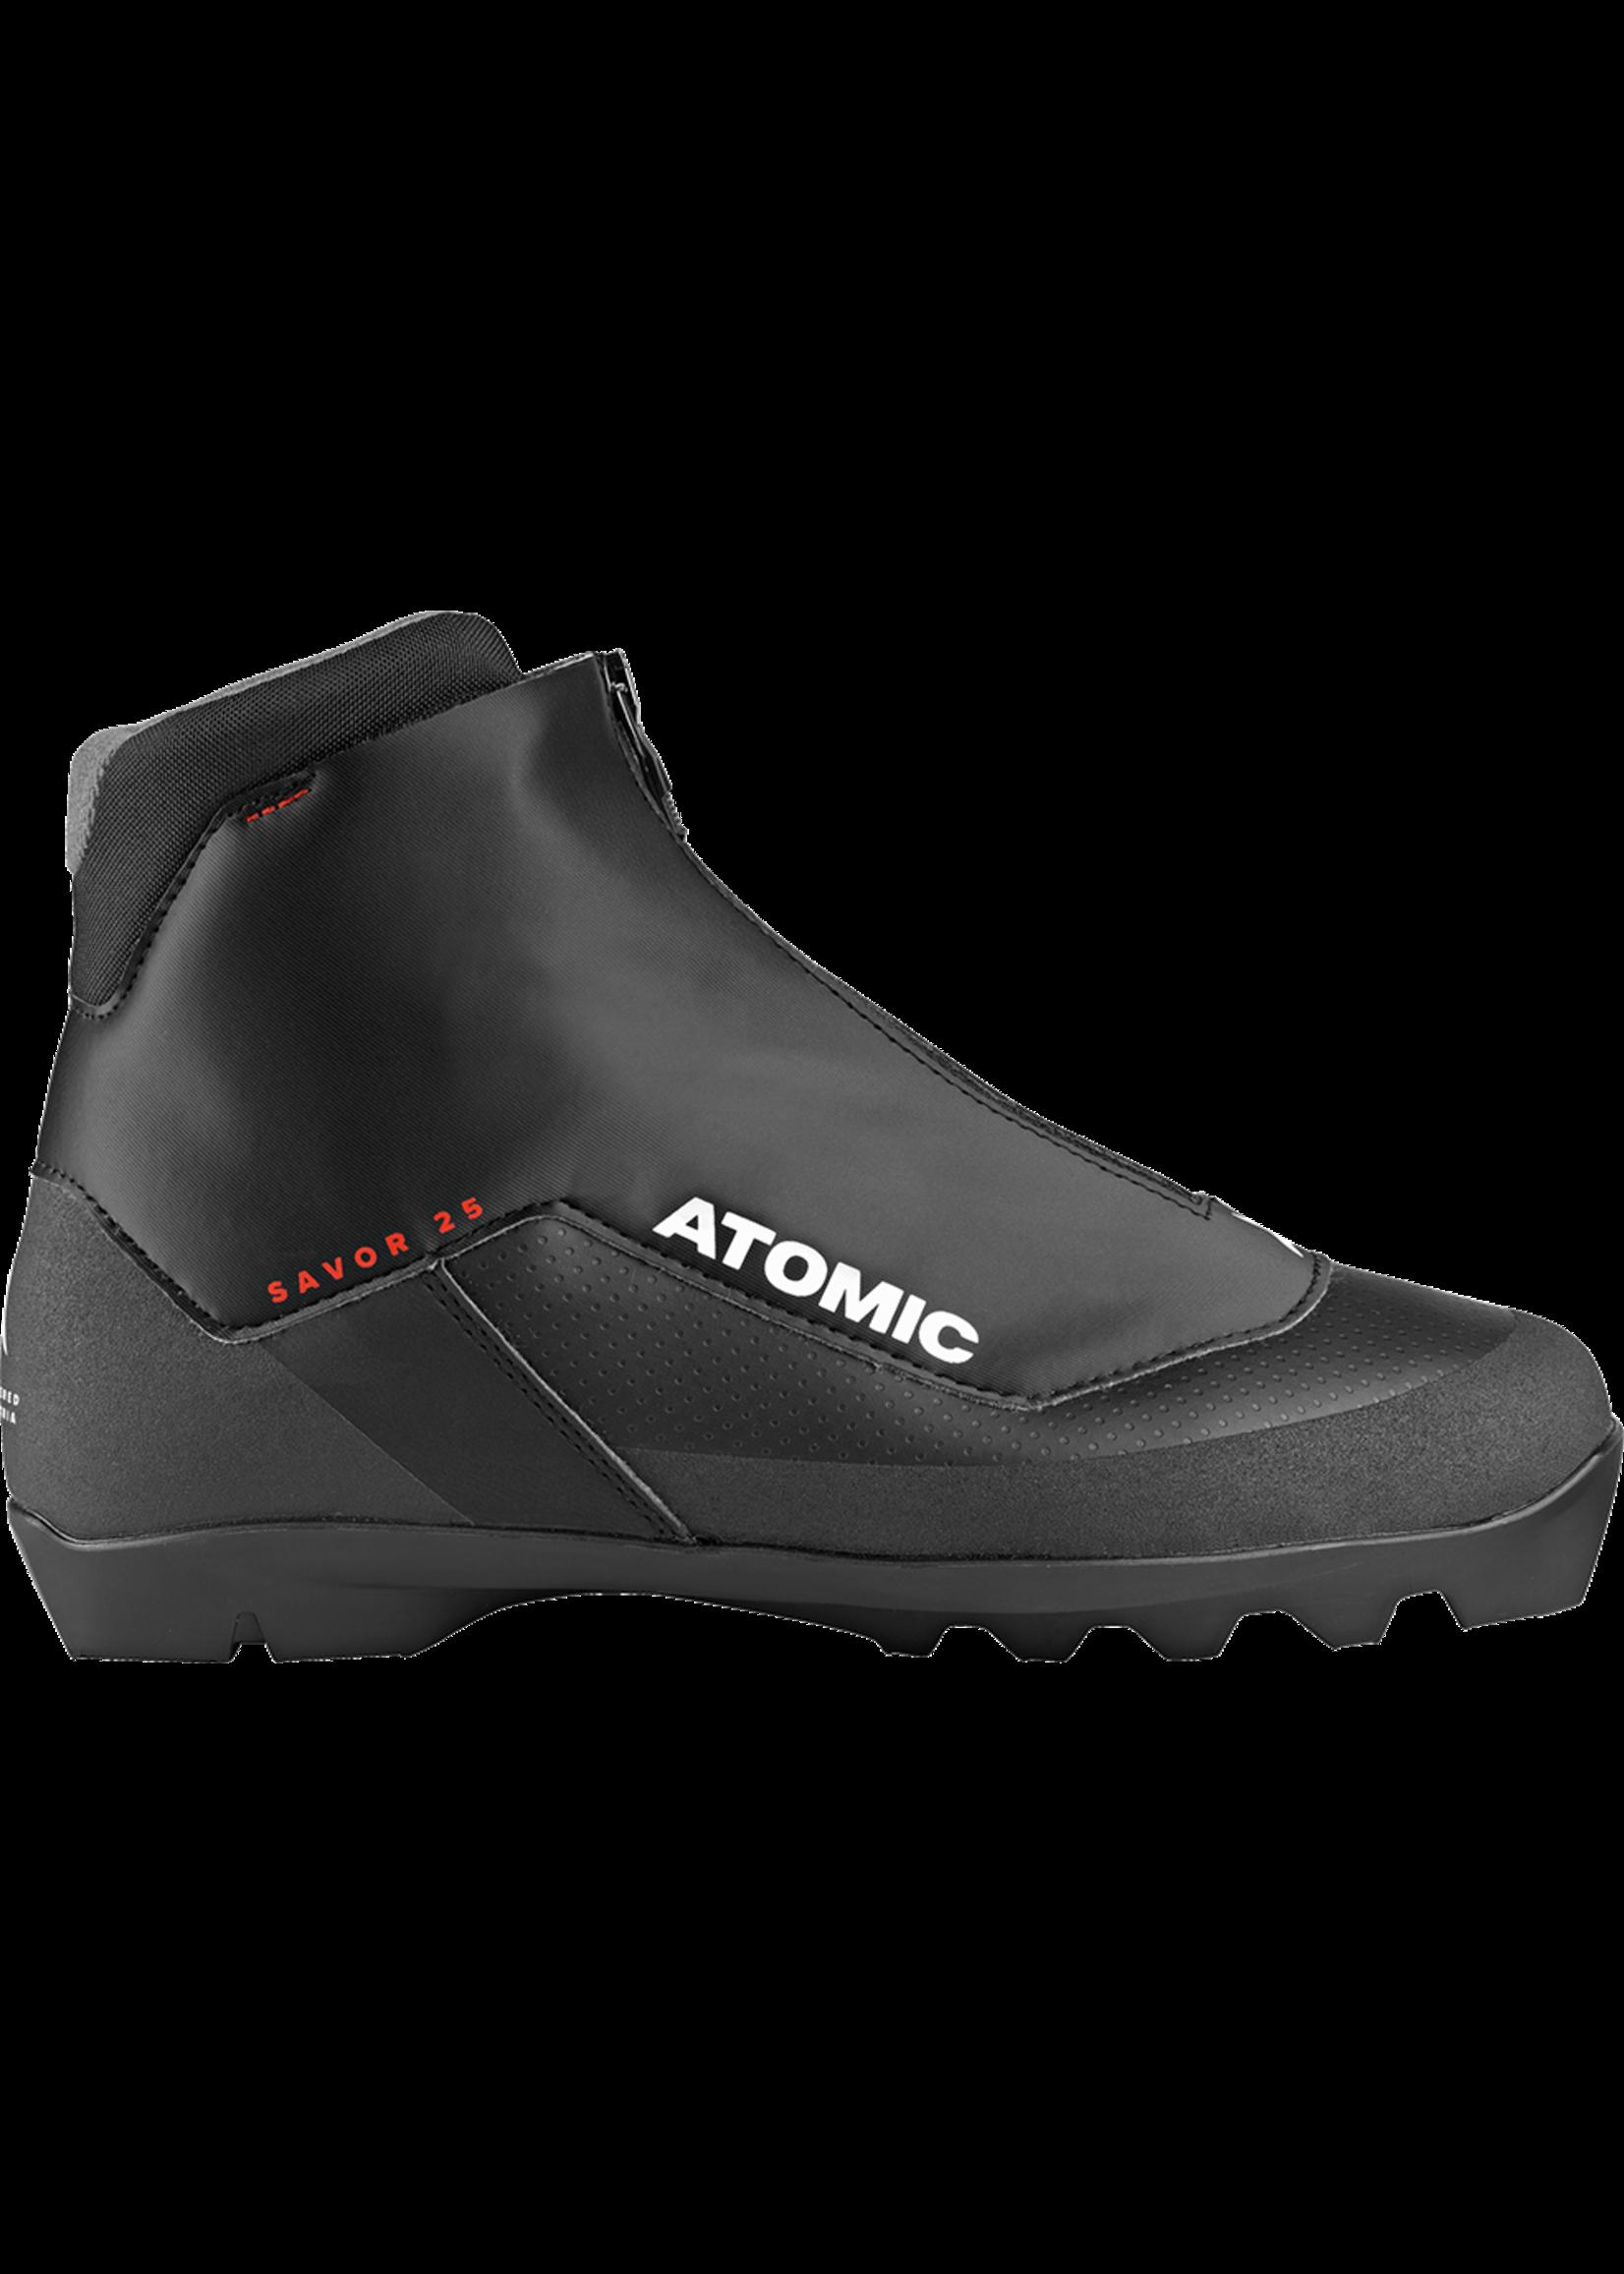 Atomic Atomic SAVOR 25 Black/Red